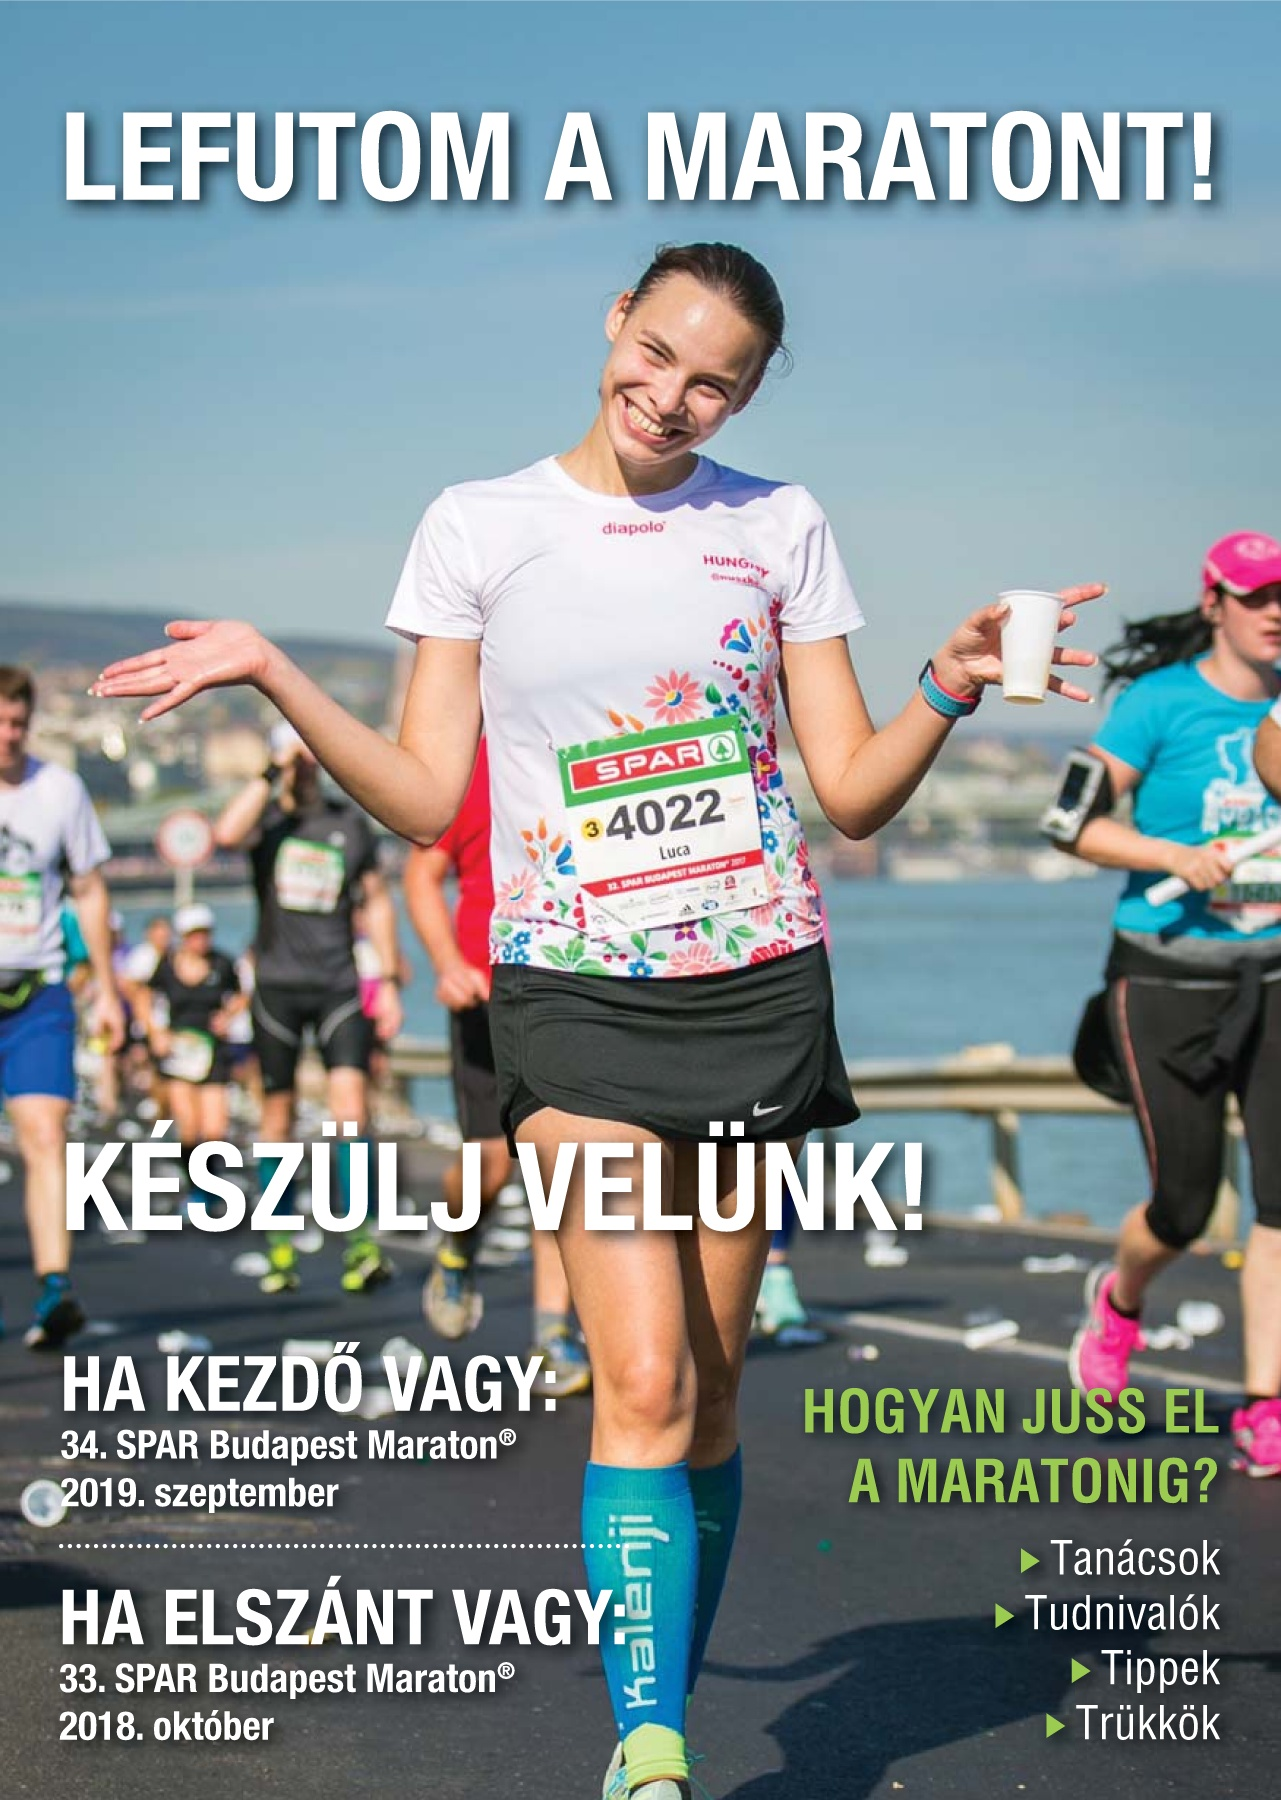 magas vérnyomás és maraton